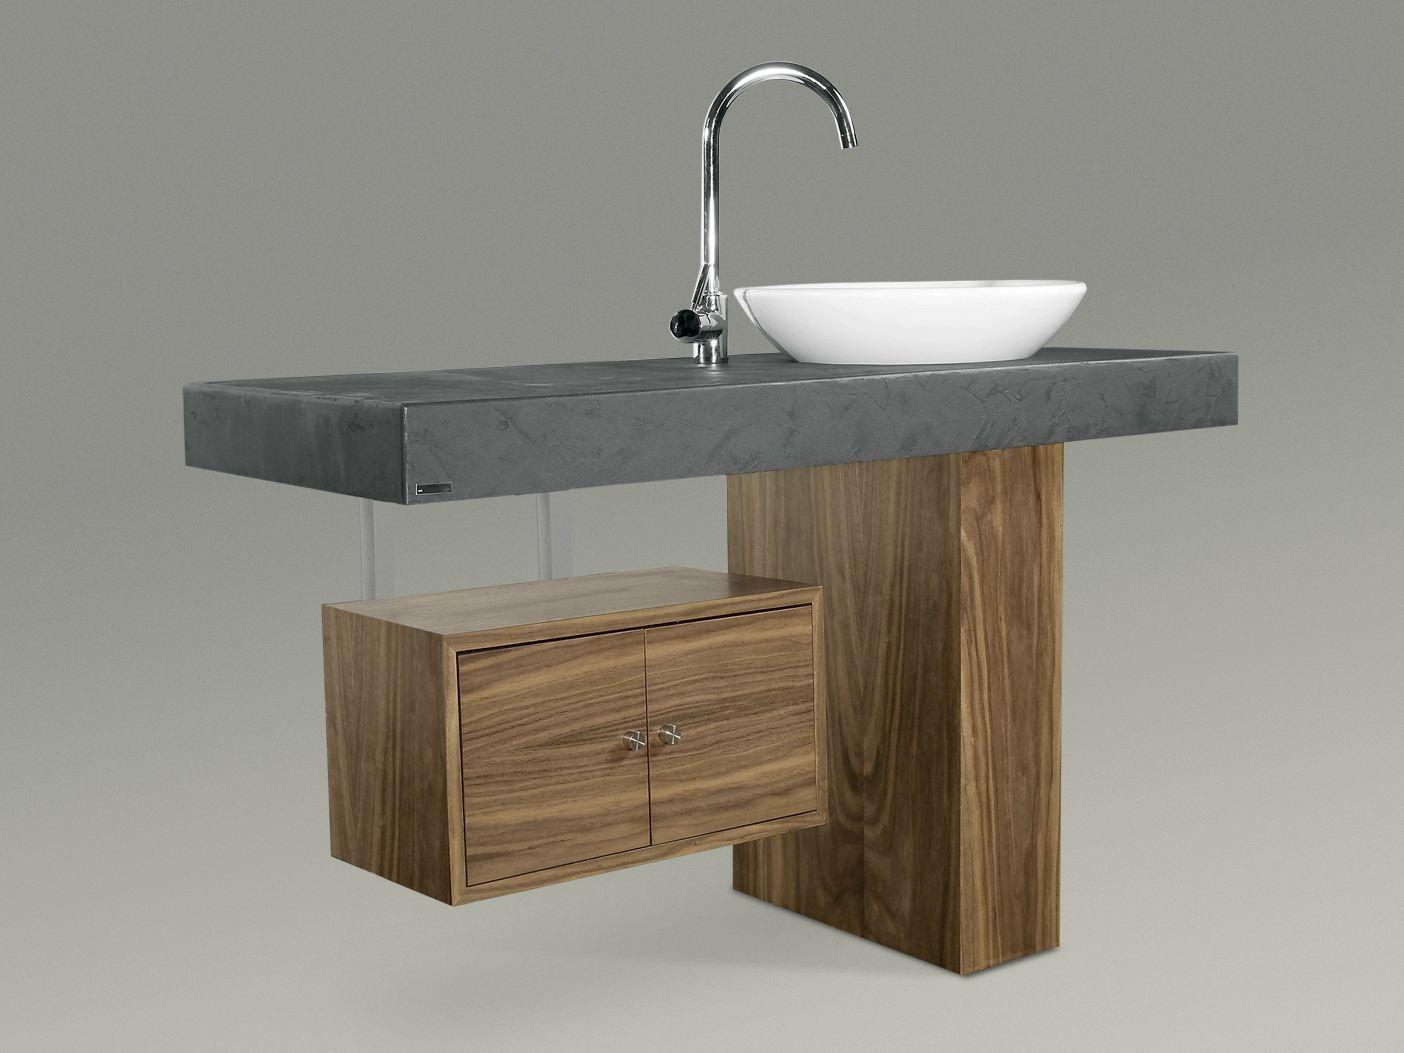 701 mueble bajo lavabo by wissmann raumobjekte - Mueble lavabo con pie ...